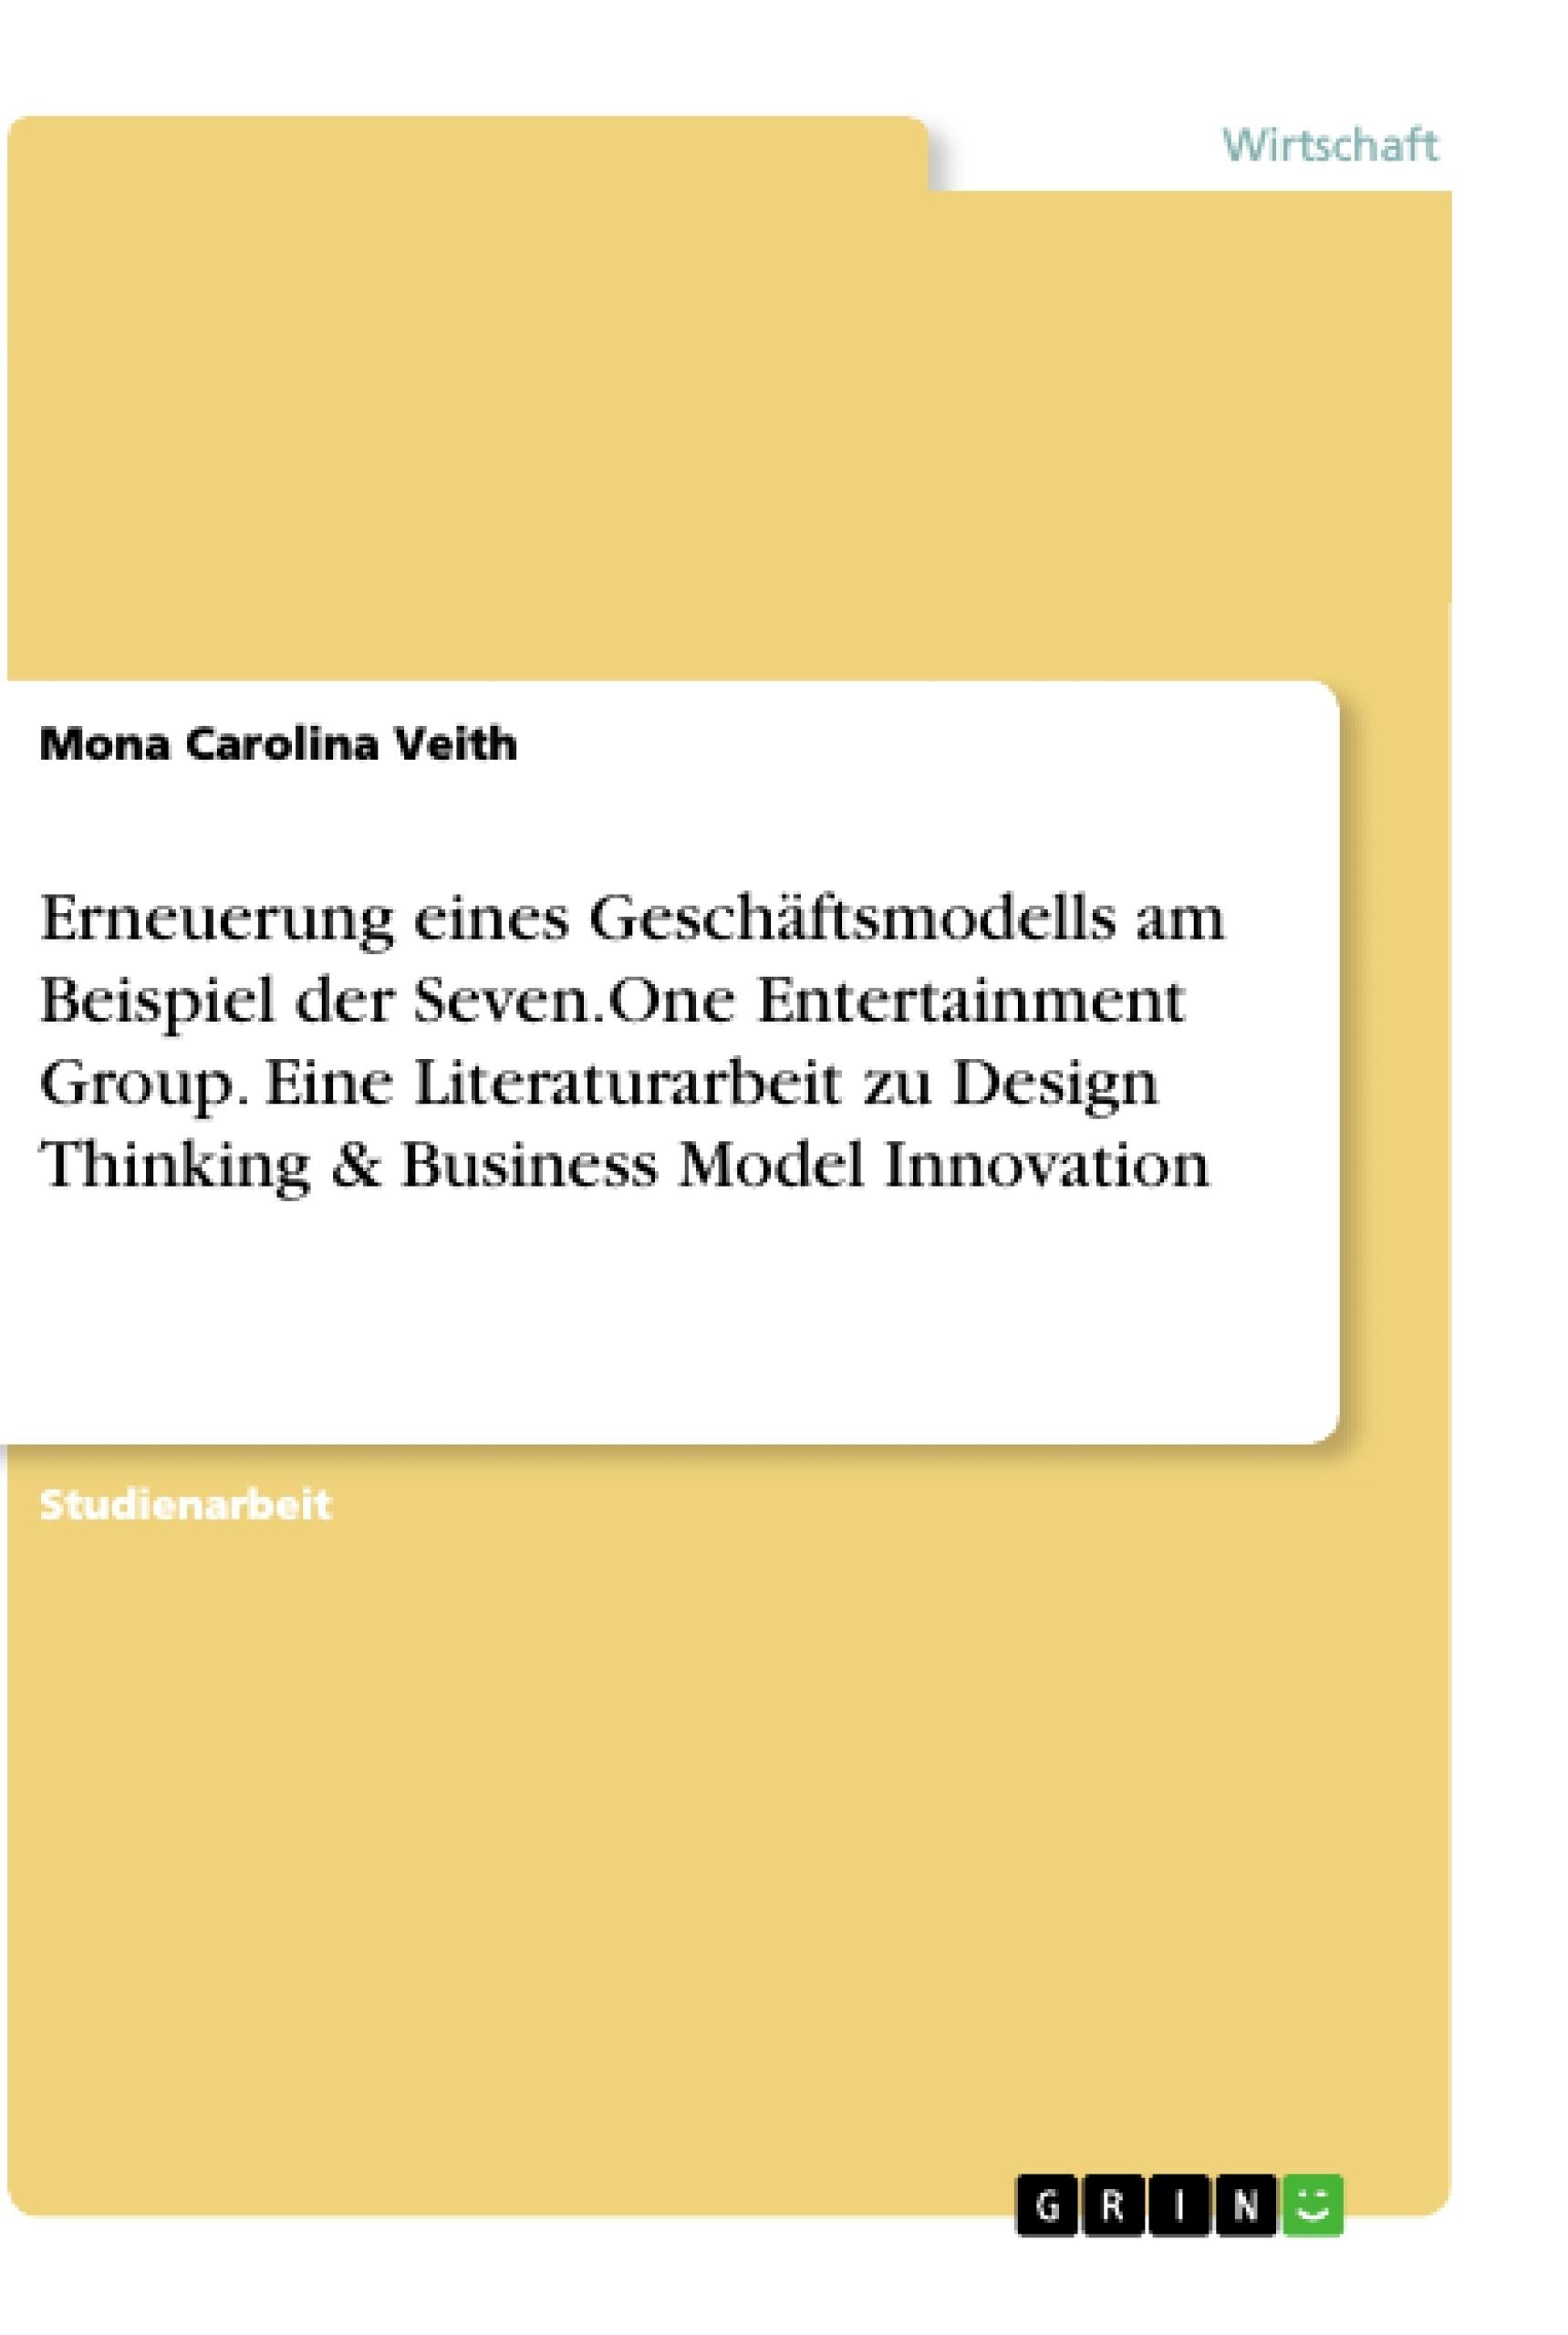 Titel: Erneuerung eines Geschäftsmodells am Beispiel der Seven.One Entertainment Group. Eine Literaturarbeit zu Design Thinking & Business Model Innovation